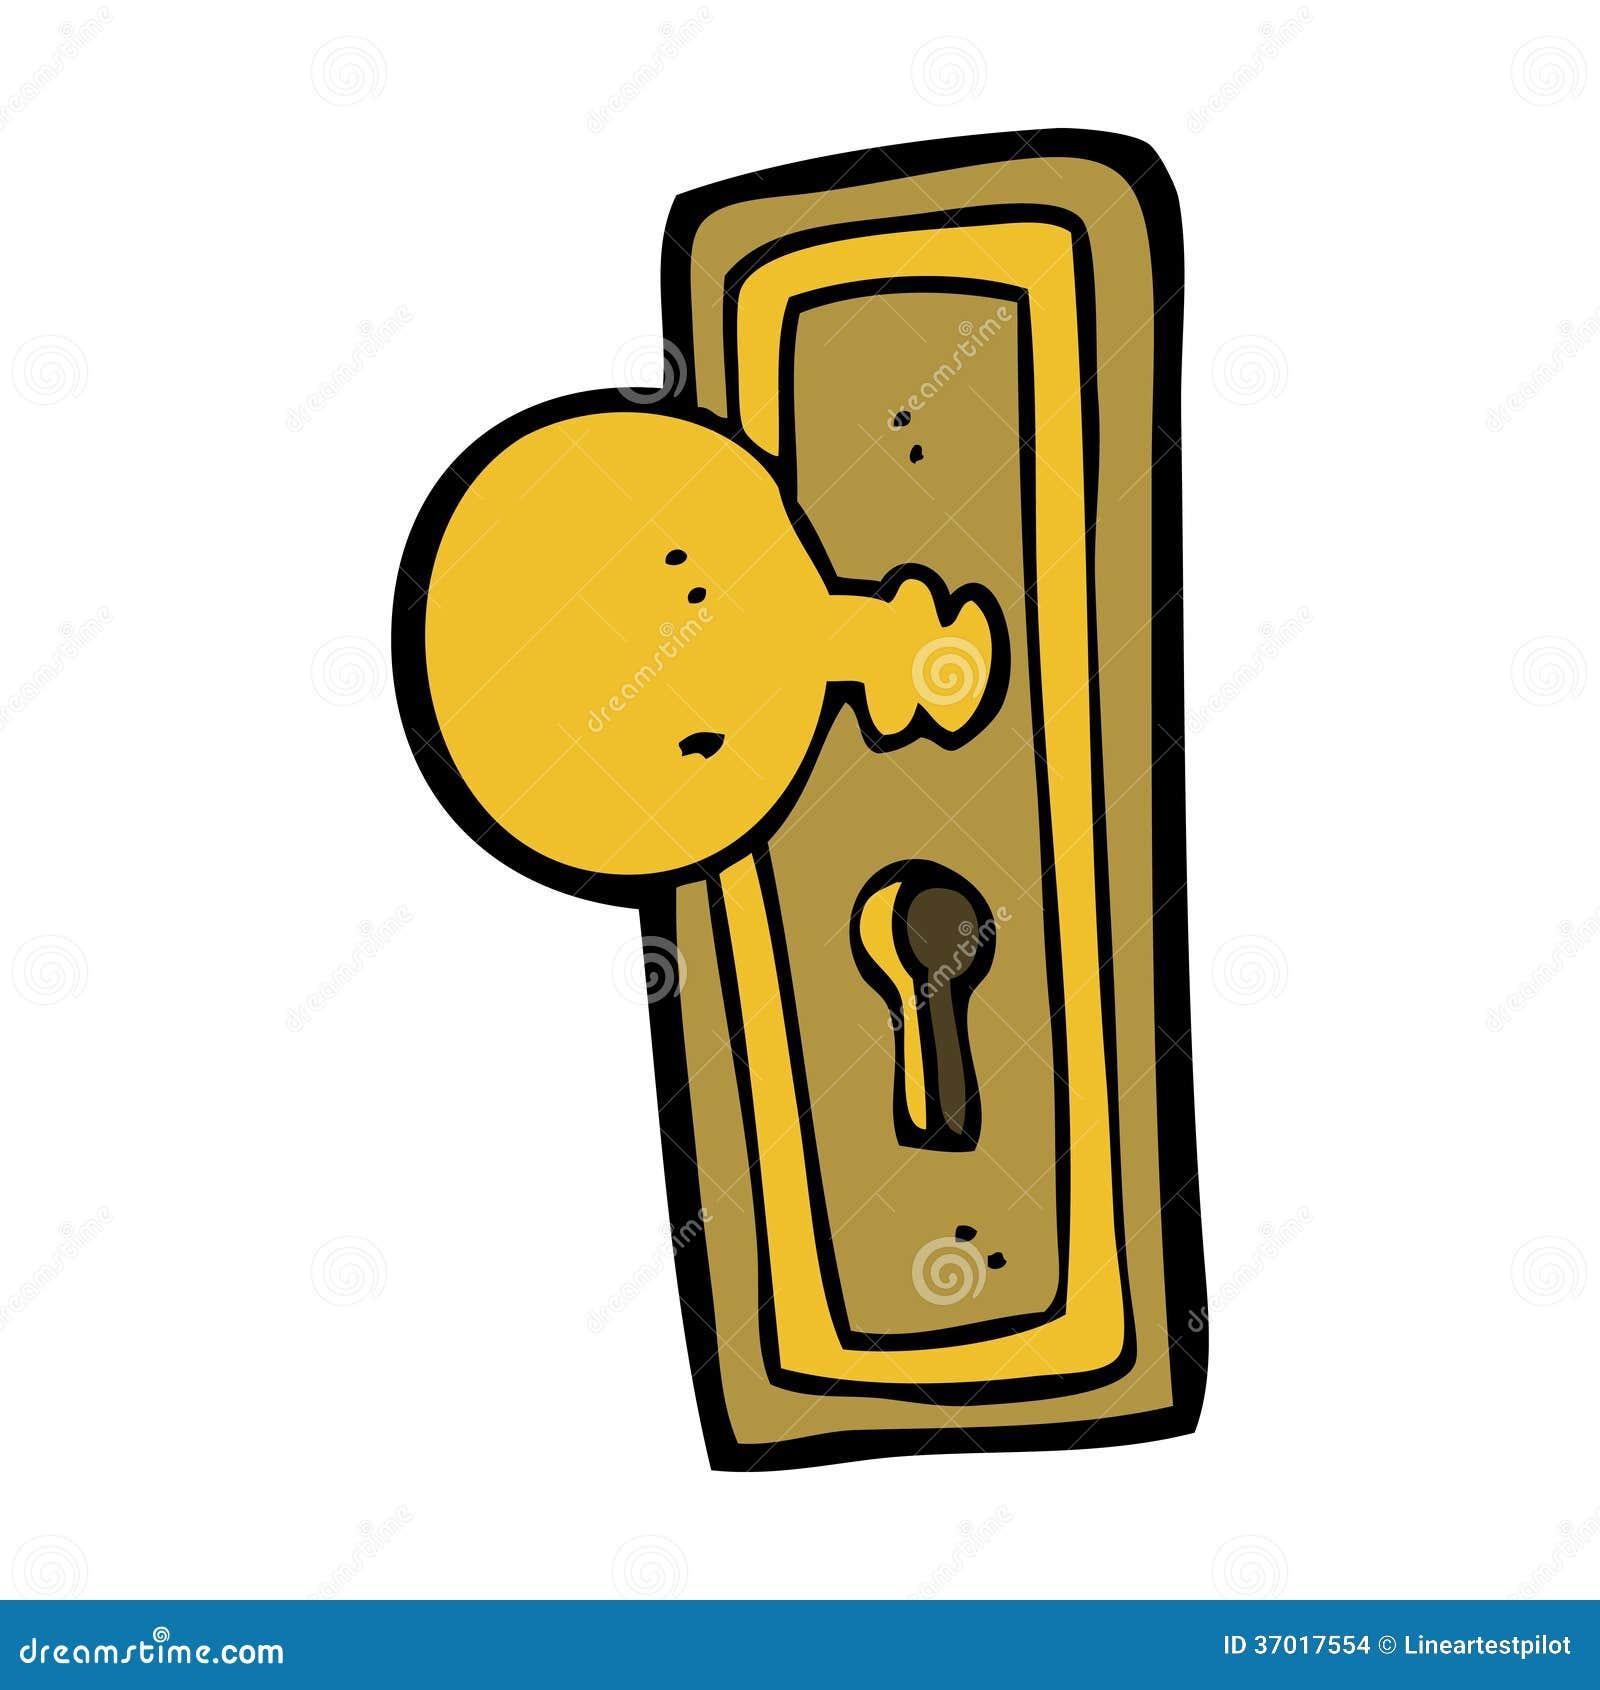 cartoon door knob stock images image 37017554 bookshelf clipart image bookshelf clipart coloring page